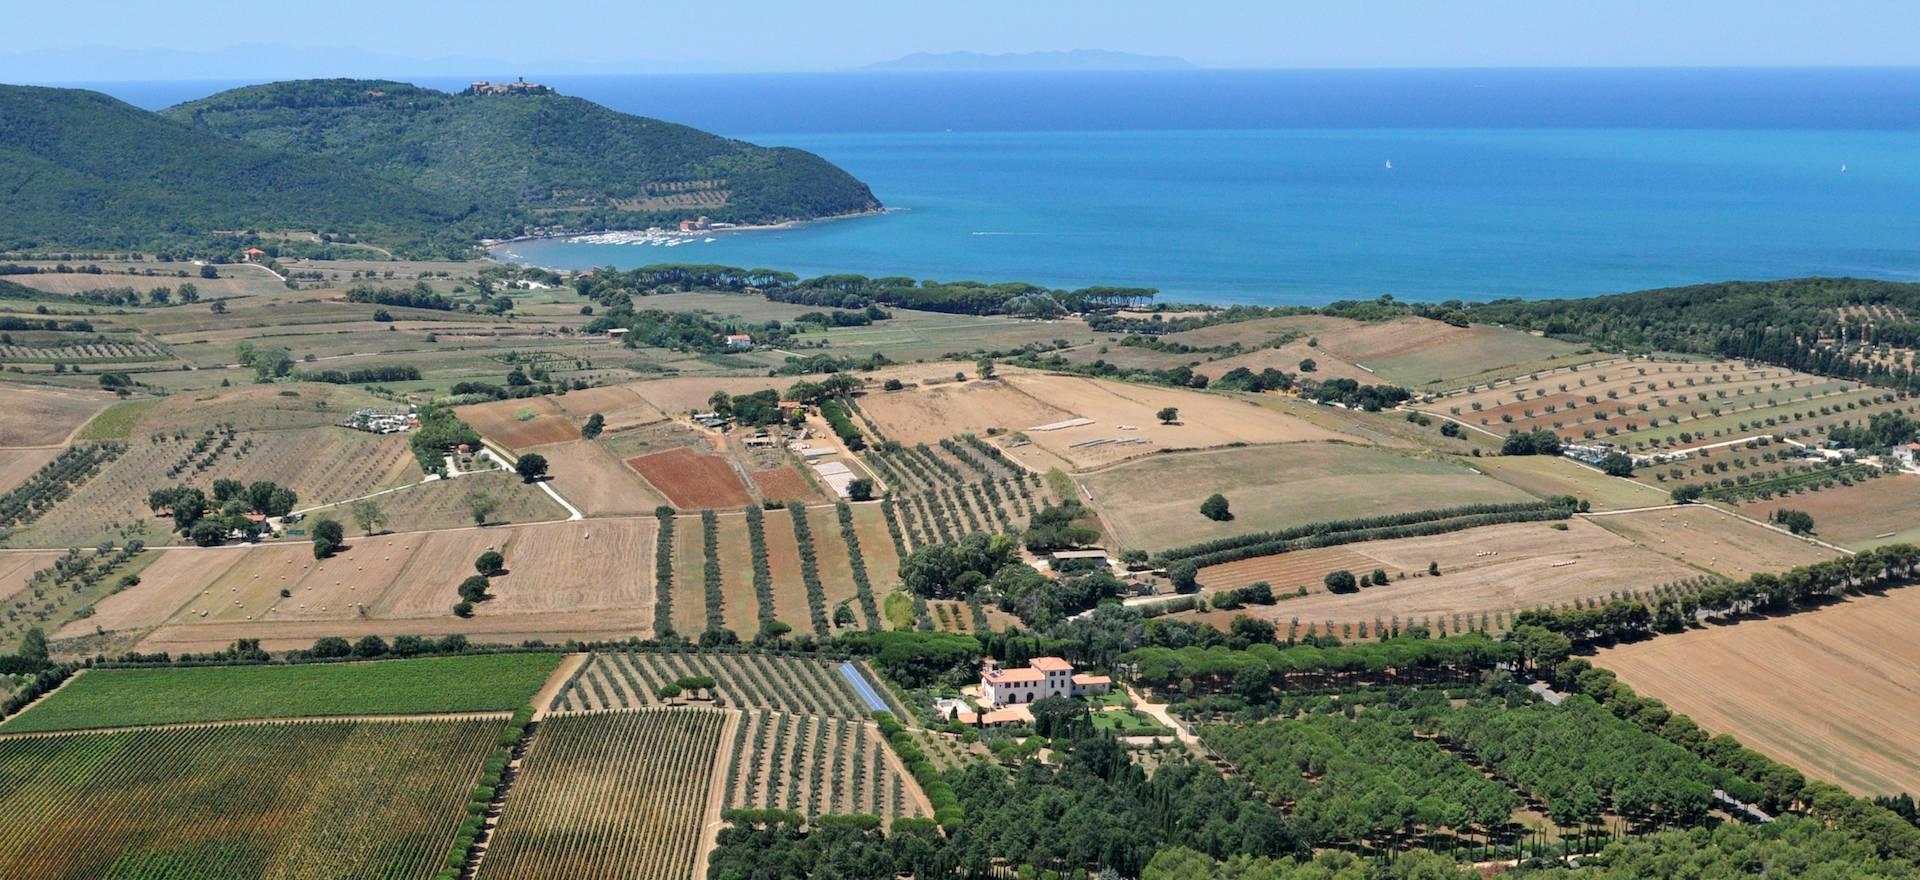 Agriturismo Toscane Glamping Toscane in een agriturismo 2 km van het strand